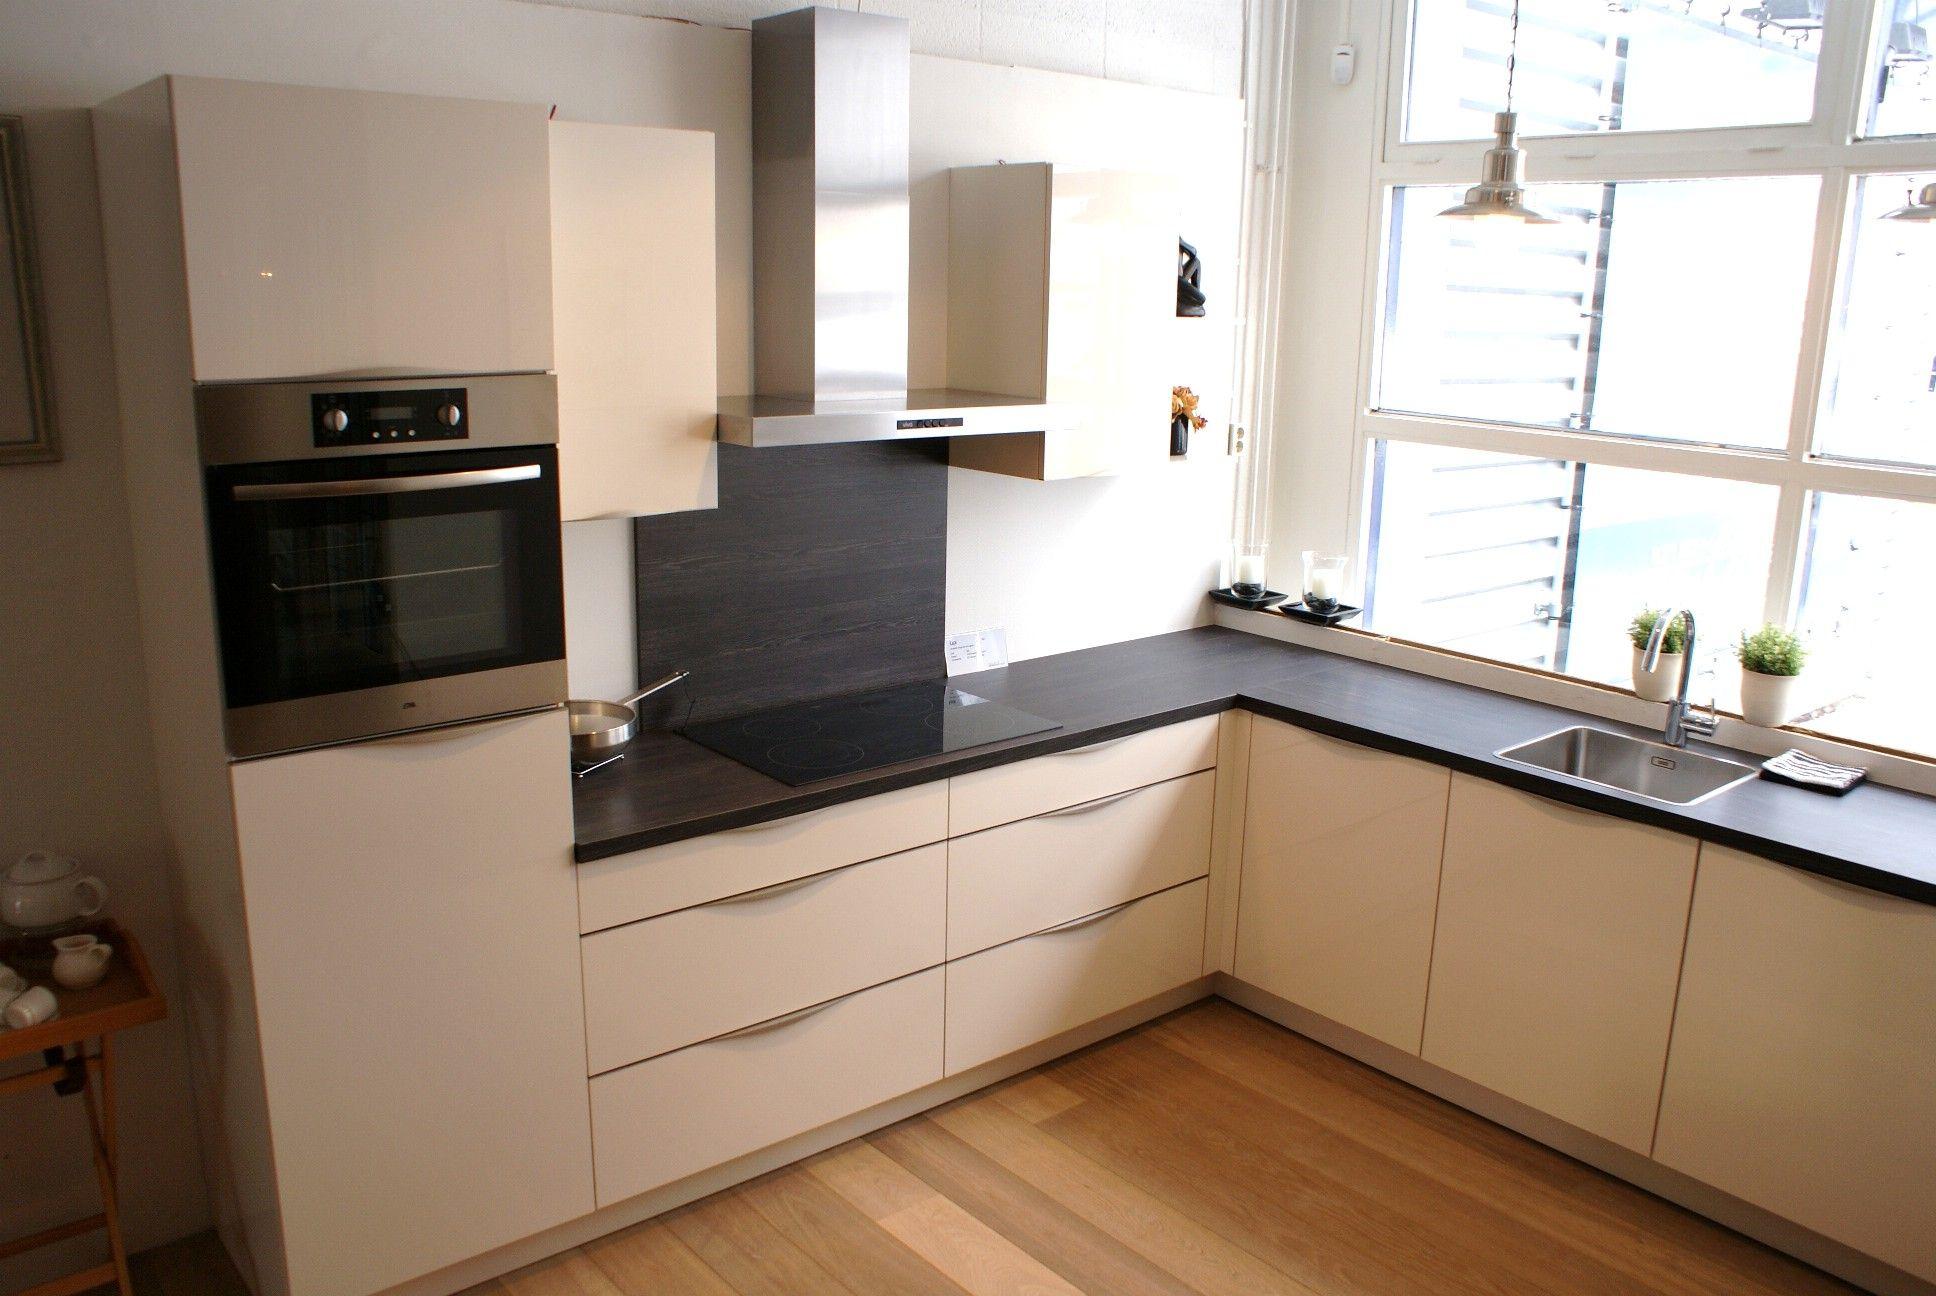 ... Gelakt : Keukens Rechte Keuken Magnolia Gelakt Car Interior Design